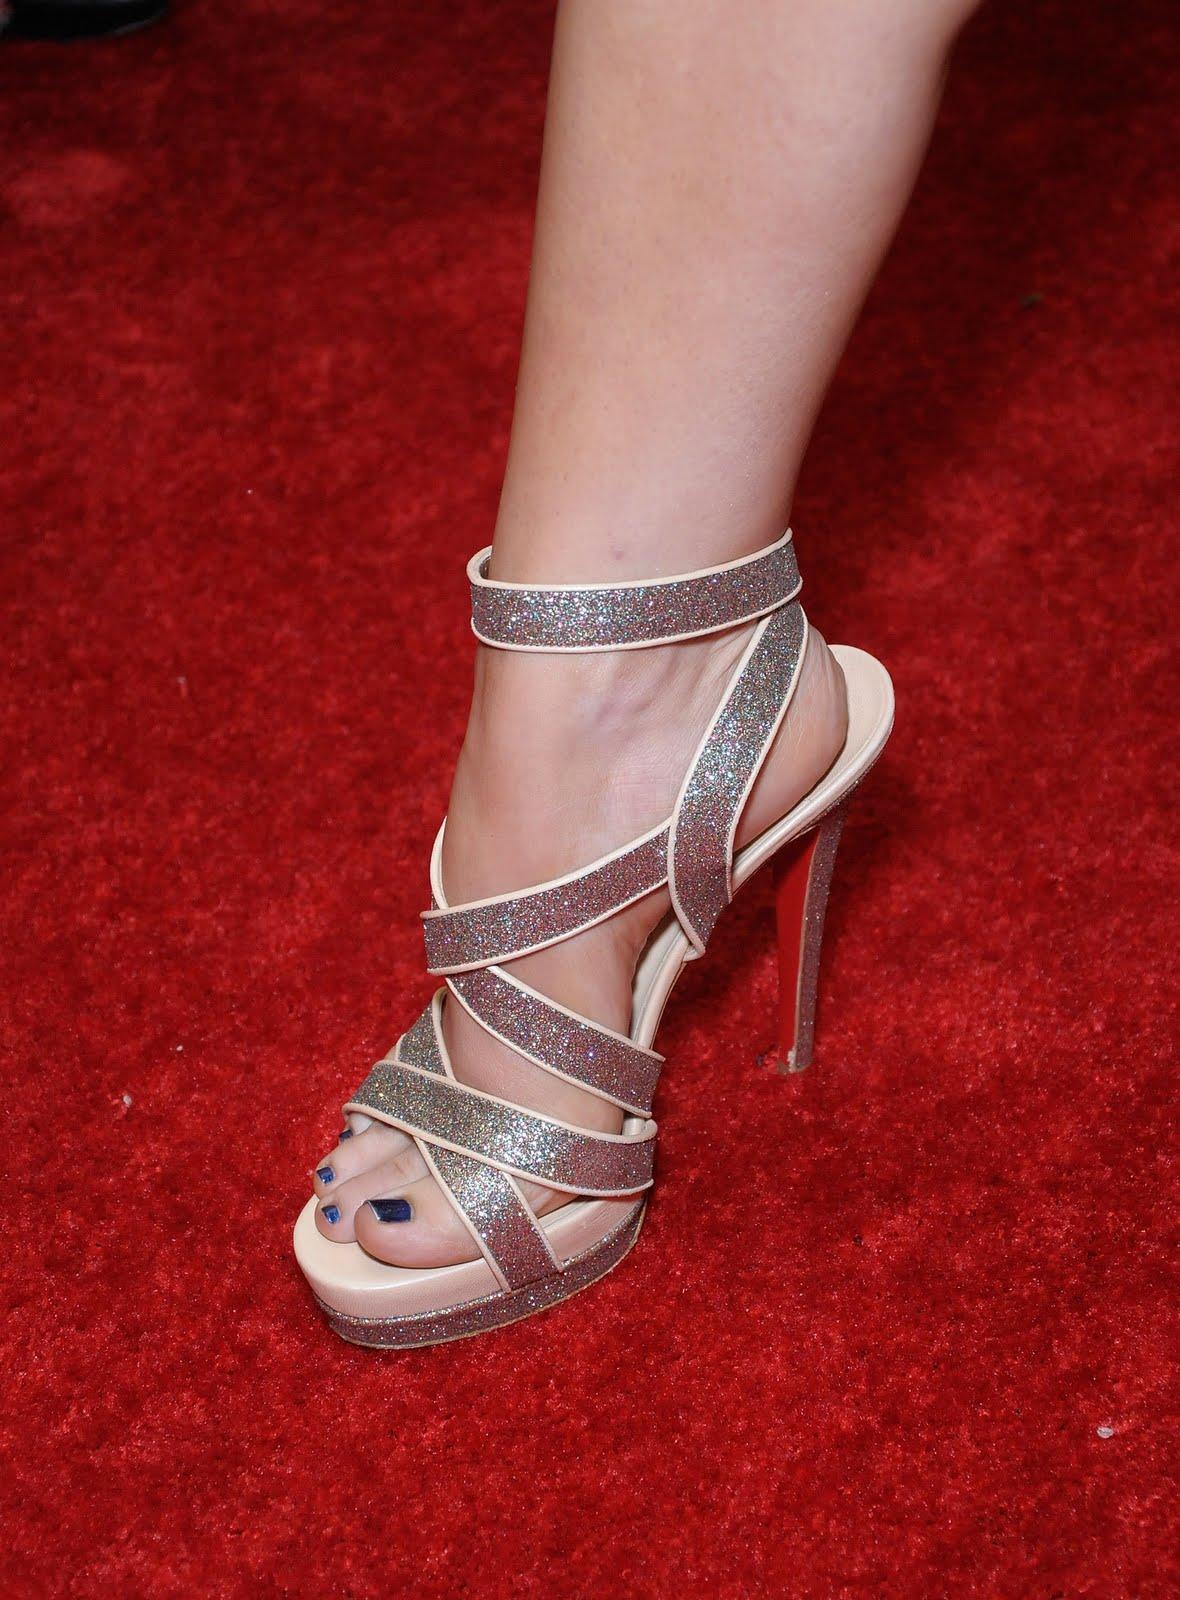 http://4.bp.blogspot.com/_UaLWp72nij4/S-22F1WZZdI/AAAAAAAALE4/2oITOTGyARk/s1600/kimberly-caldwell-feet.jpg